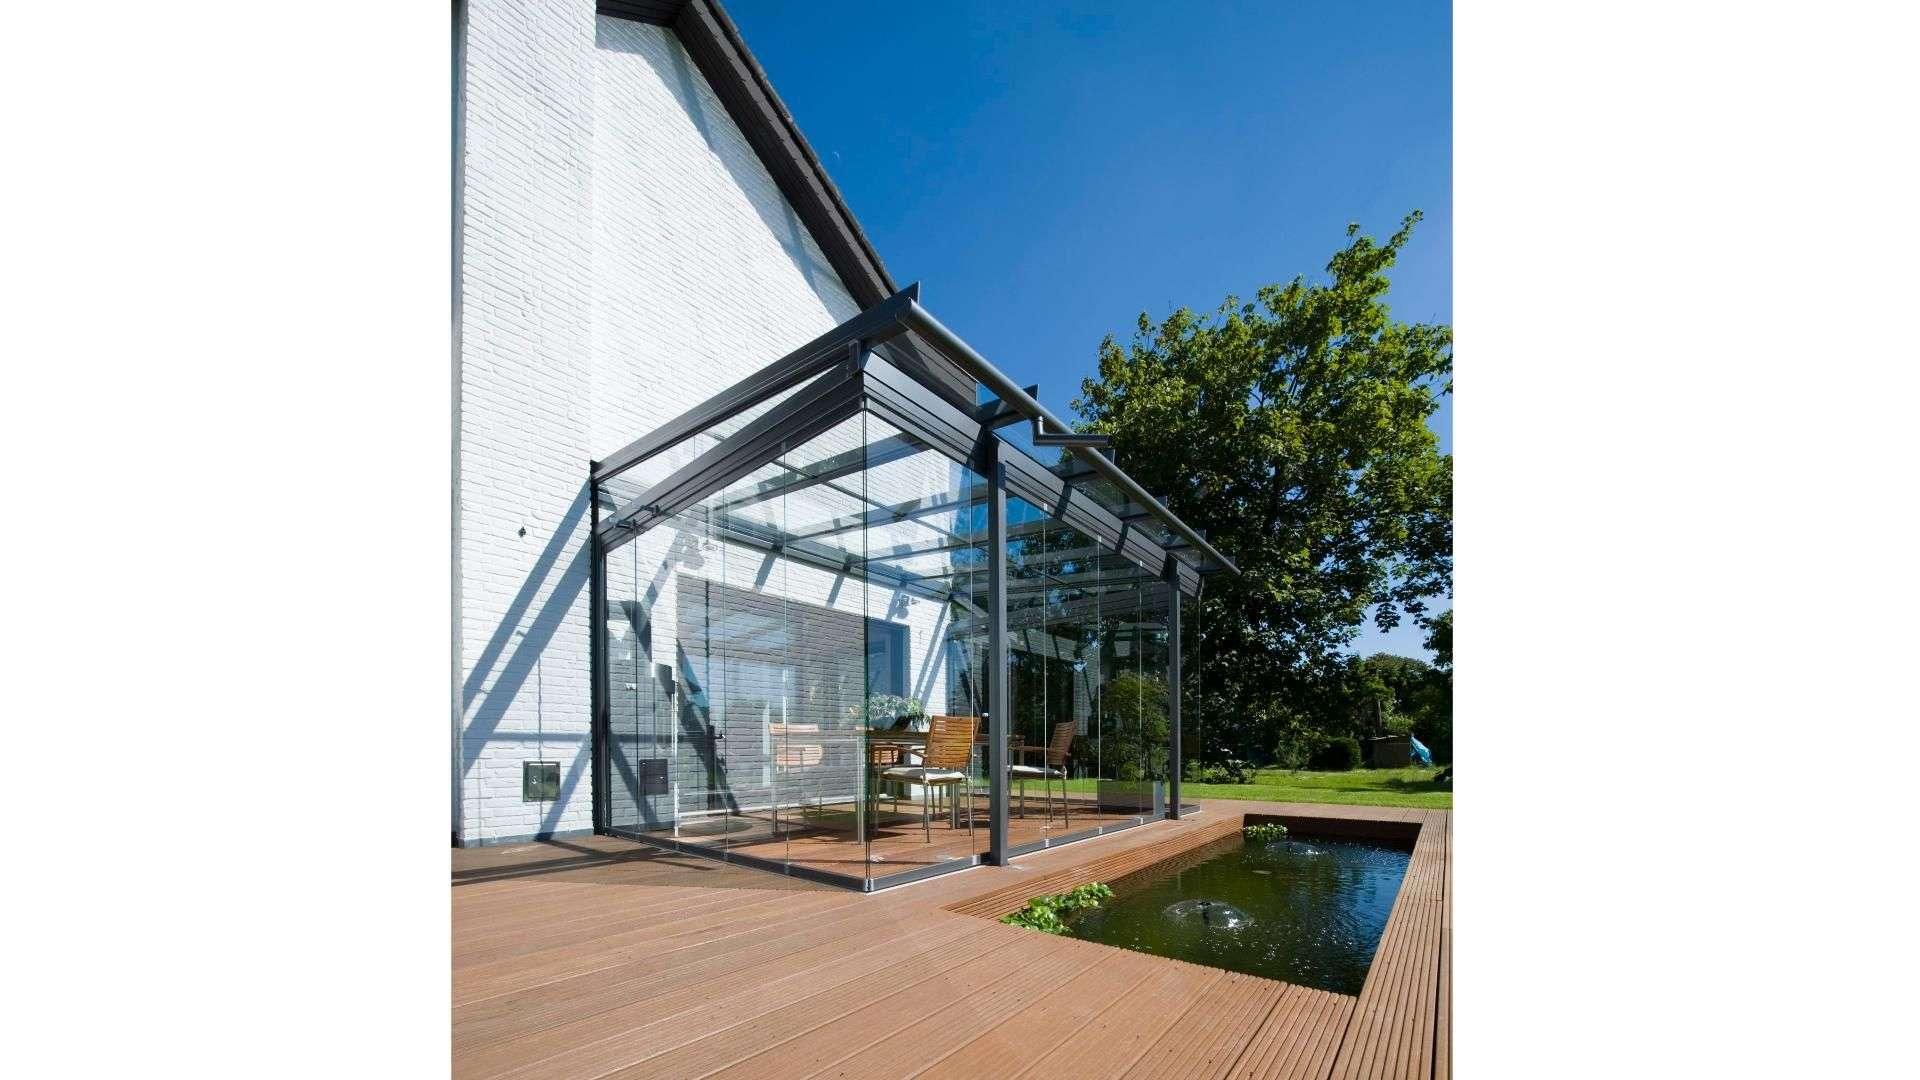 Glashaus auf einer Terrasse mit kleinem Pool